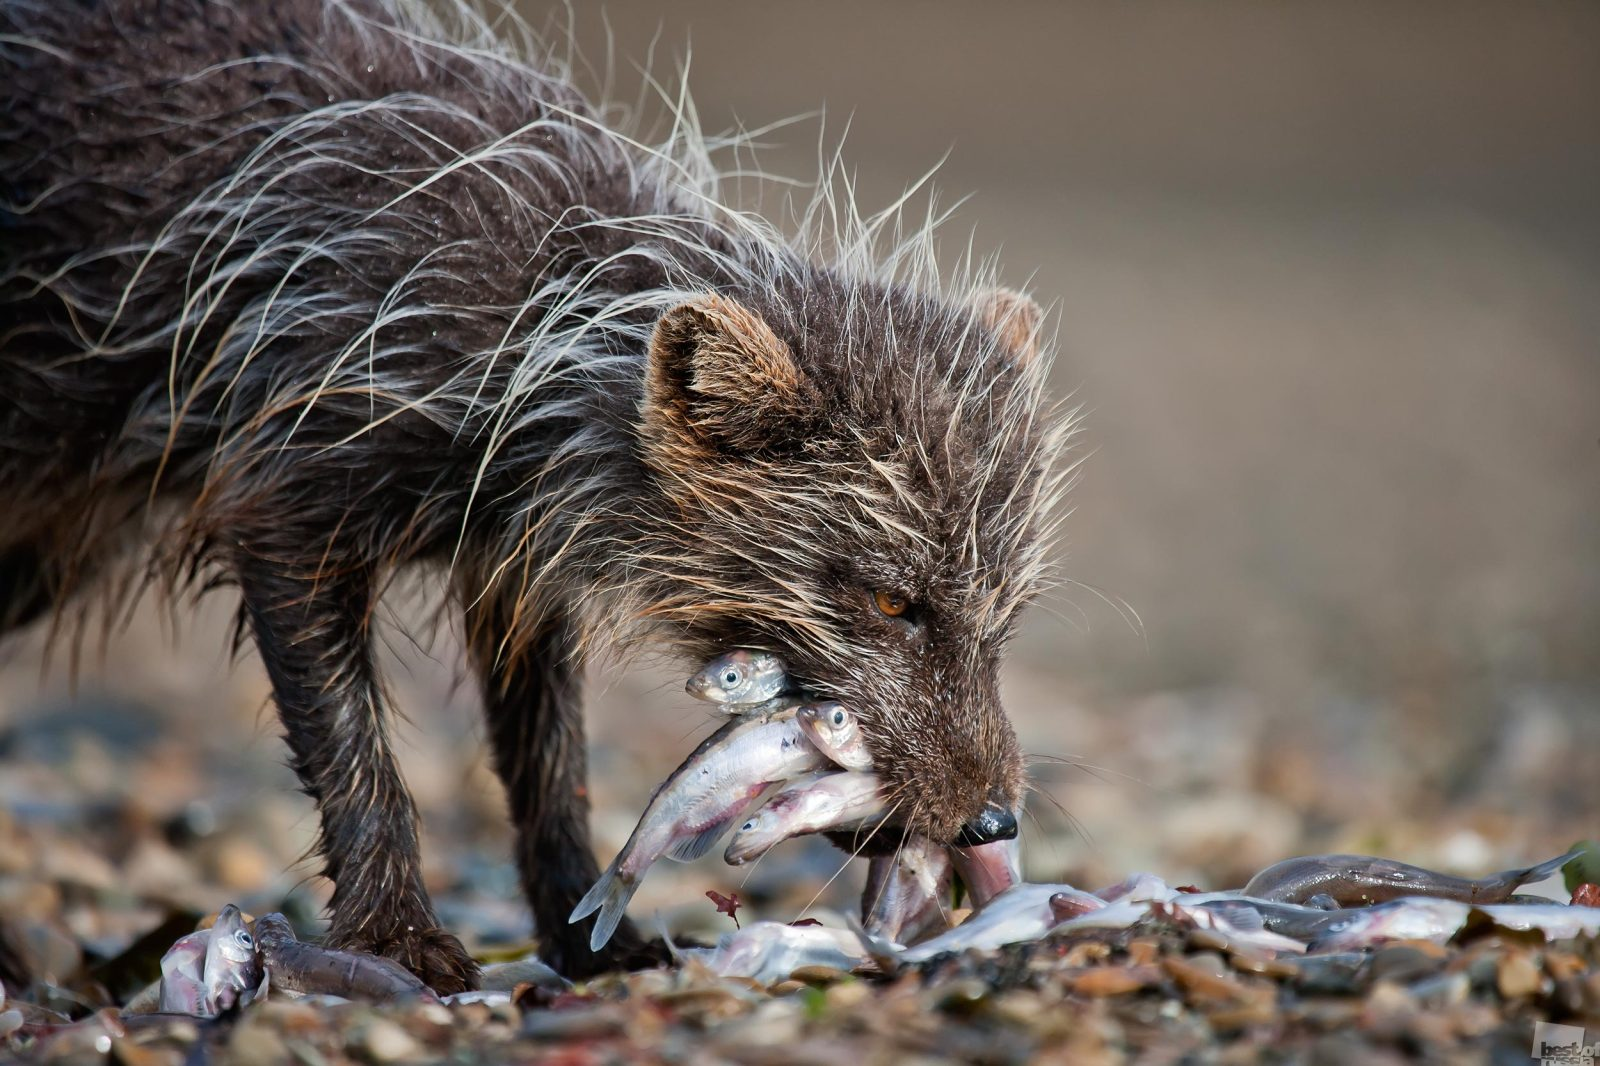 Vor dem Laichen sammeln sich die Kapelane in riesigen Schwärmen, um sich auf den Weg zu den Küsten zu machen. Bei starkem Wind schleudern die Wellen den Kapelan ans Ufer. Die Küstenlinie ist manchmal Dutzende Meter lang von Kapelanen bedeckt, die vom Wellengang aus dem Wasser geworfen wurden. Nach den langen Wintermonaten ausgehungerte Füchse können sich hier reichlich bedienen. Nikolskoje, Region Kamtschatka